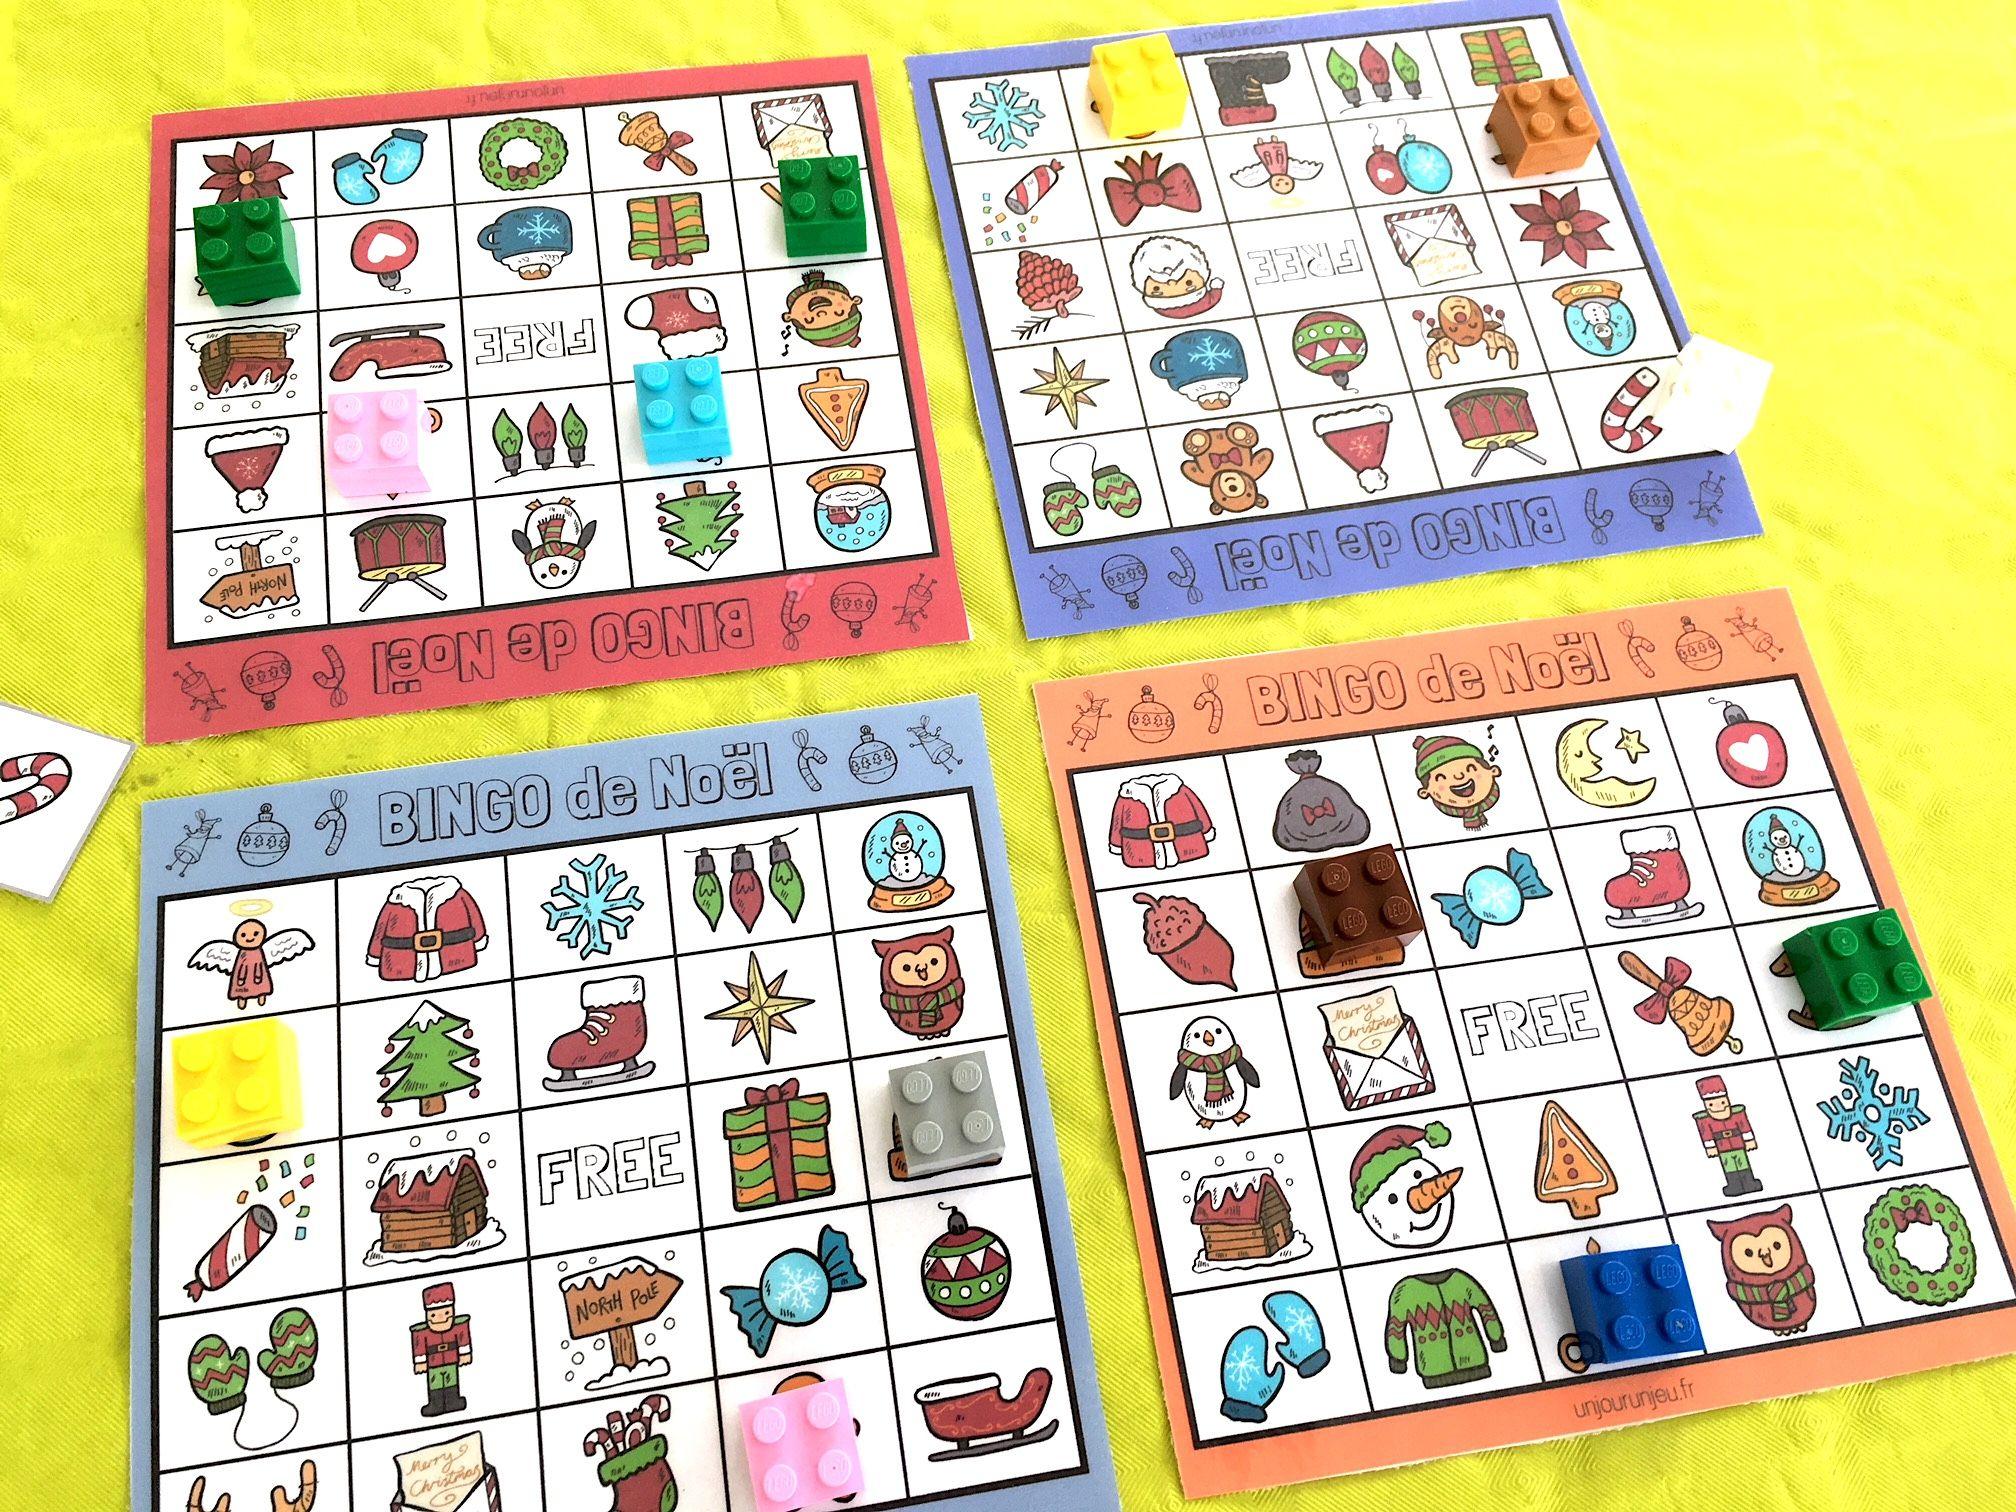 Jeu De Noël : Bingo À Télécharger Gratuitement Pour Vos à Jeu Pour Noel Gratuit